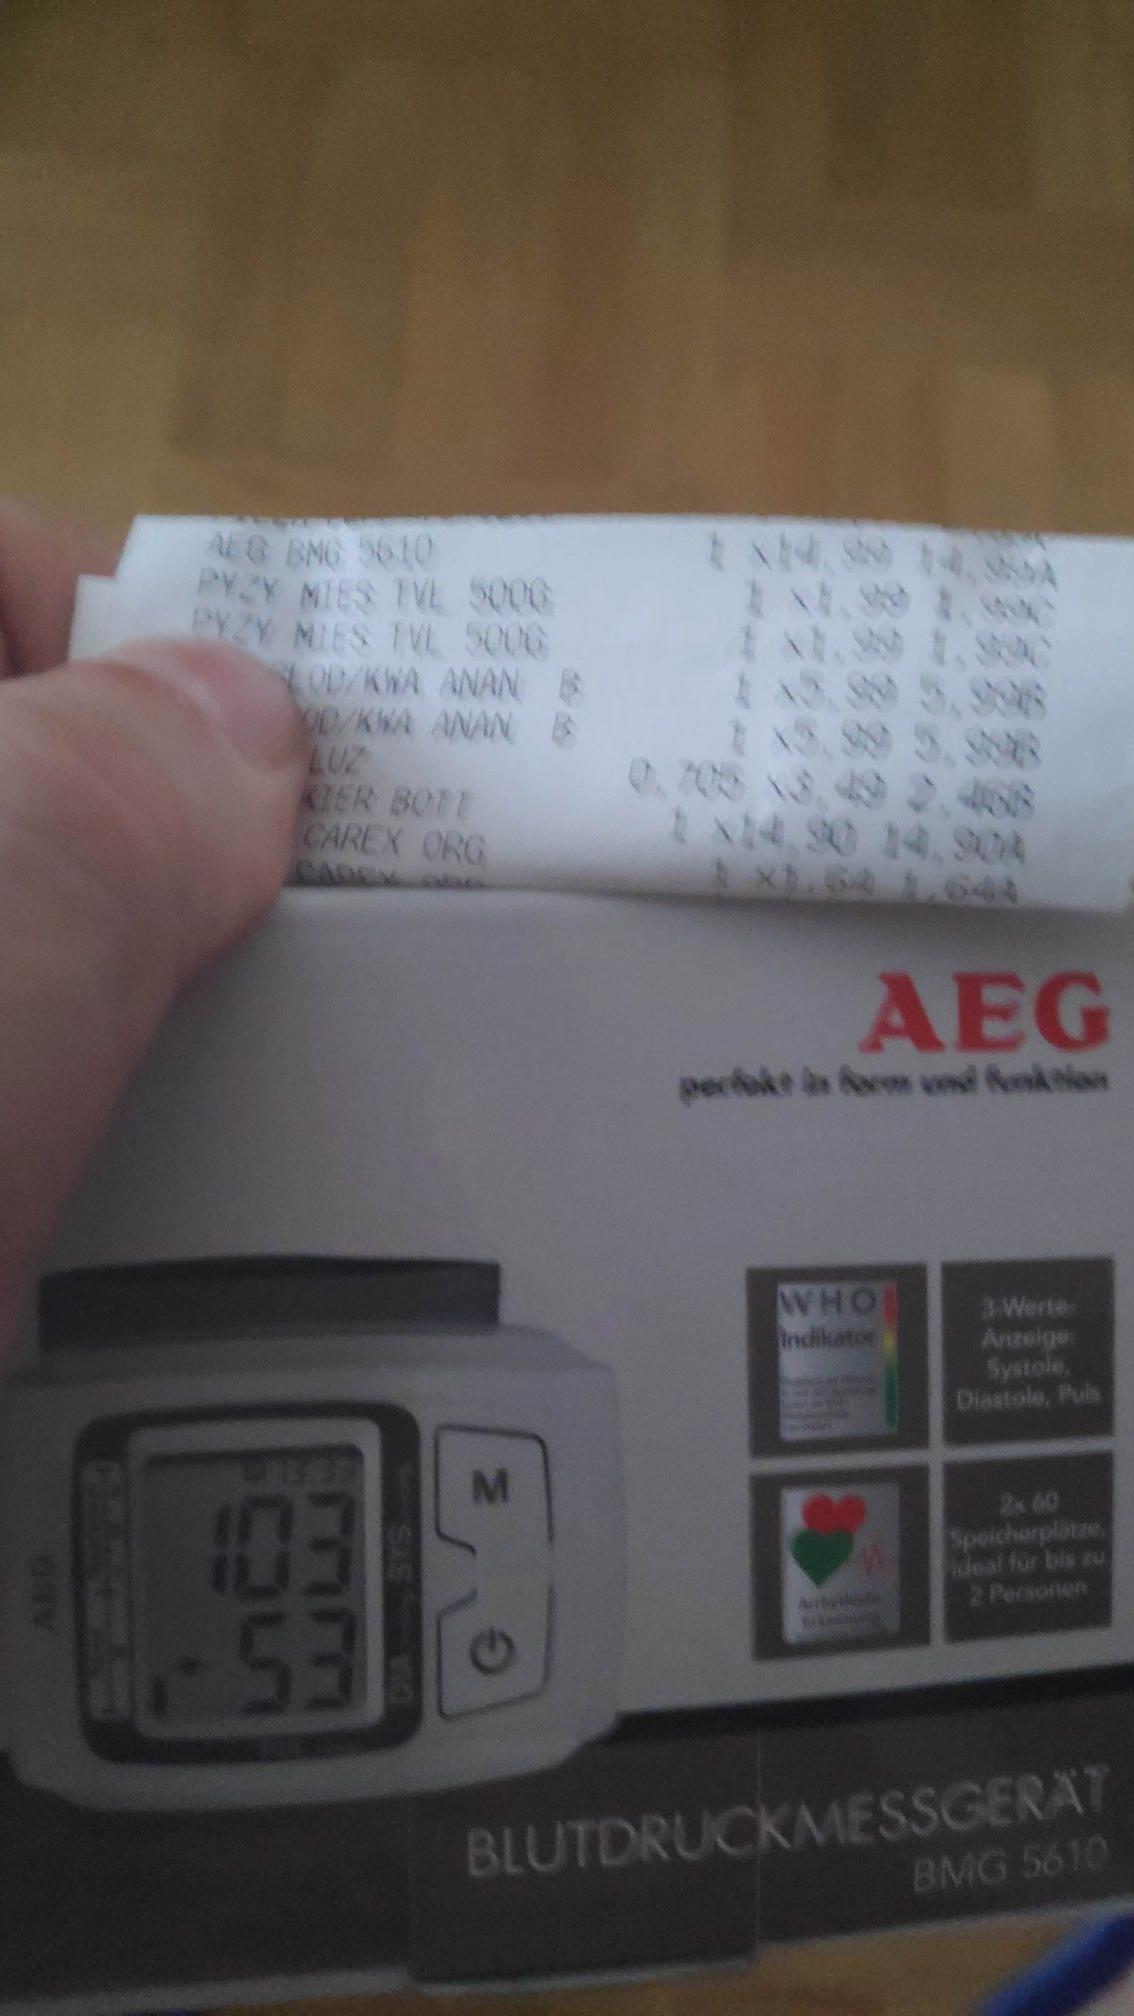 Ciśnieniomierz nadgarstkowy AEG  - 5610  - TESCO